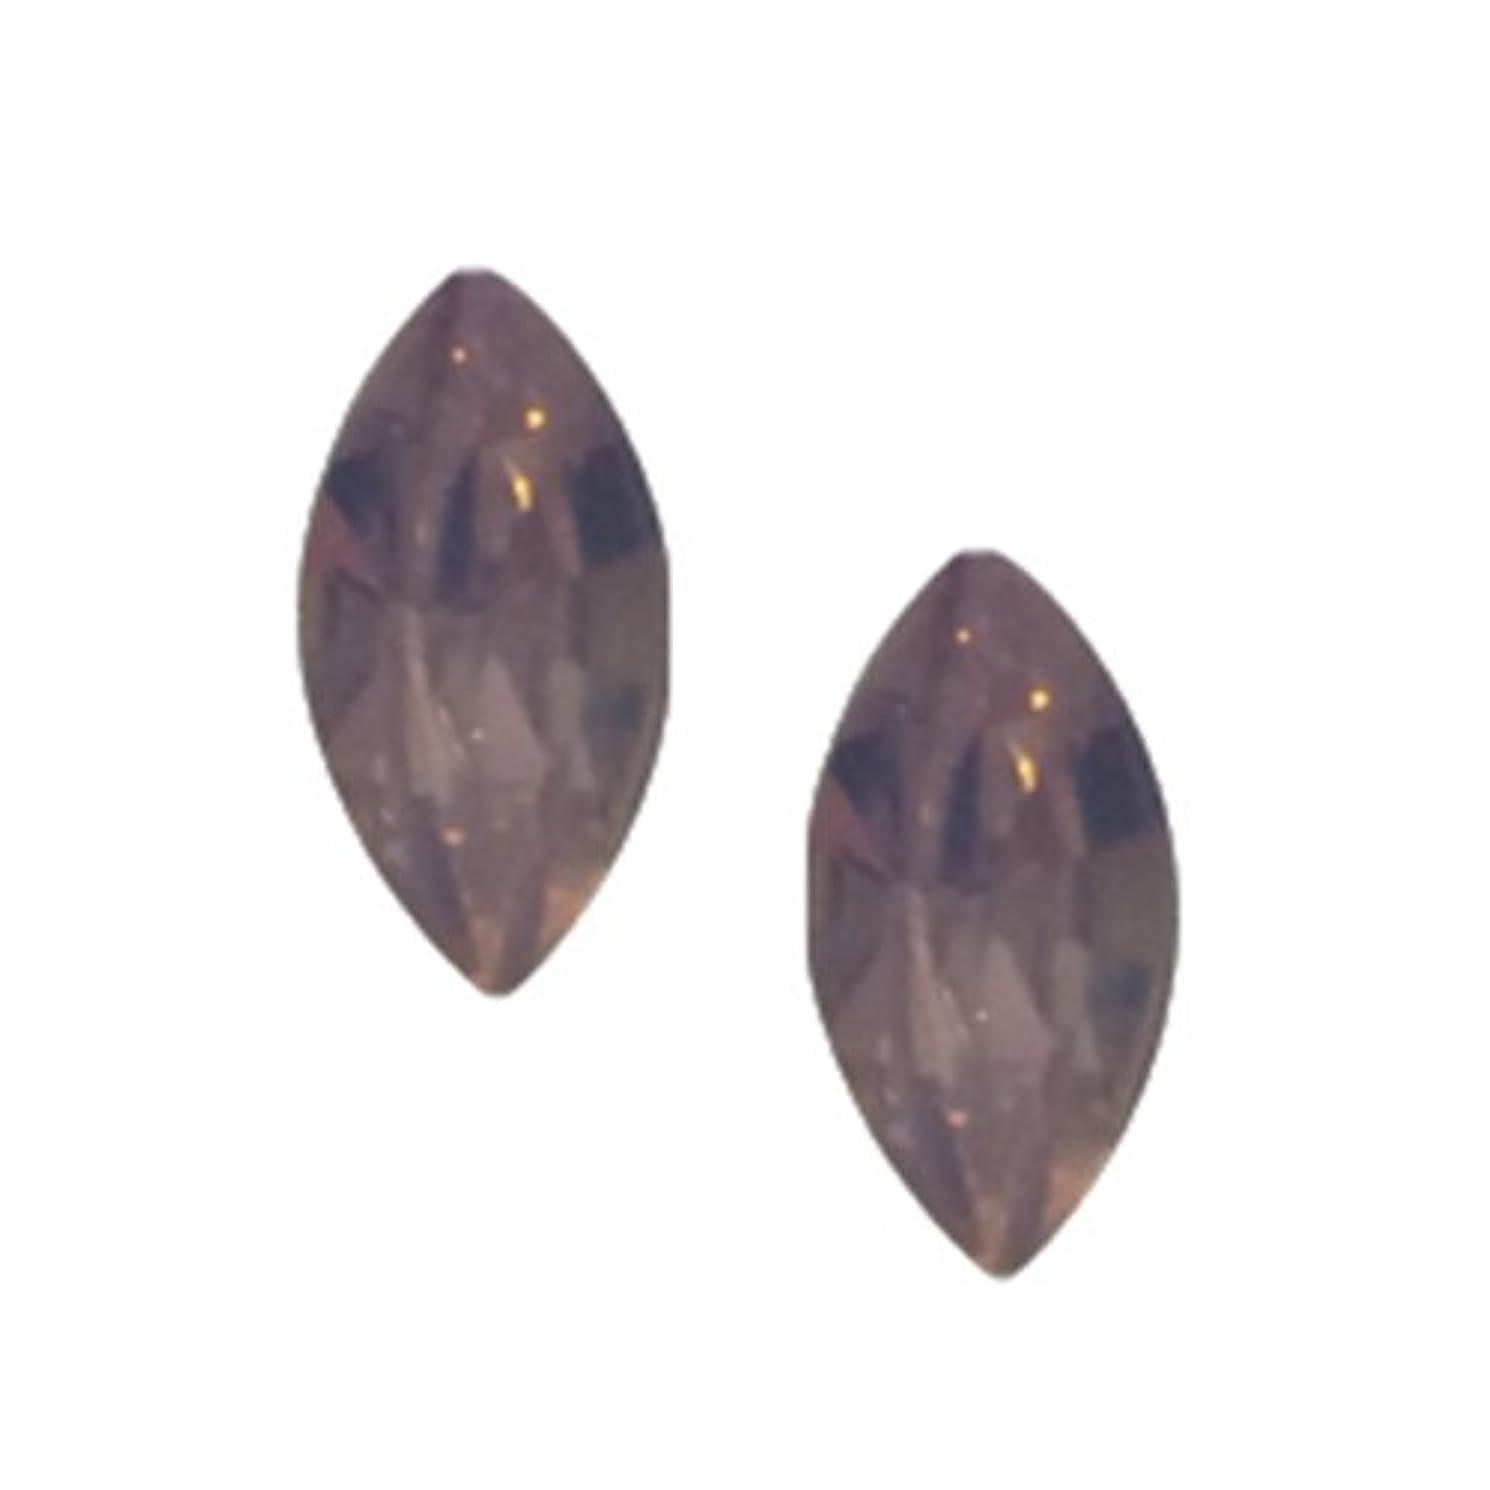 方向正規化匿名POSH ART ネイルパーツ馬眼型 3*6mm 10P ピンクオパール